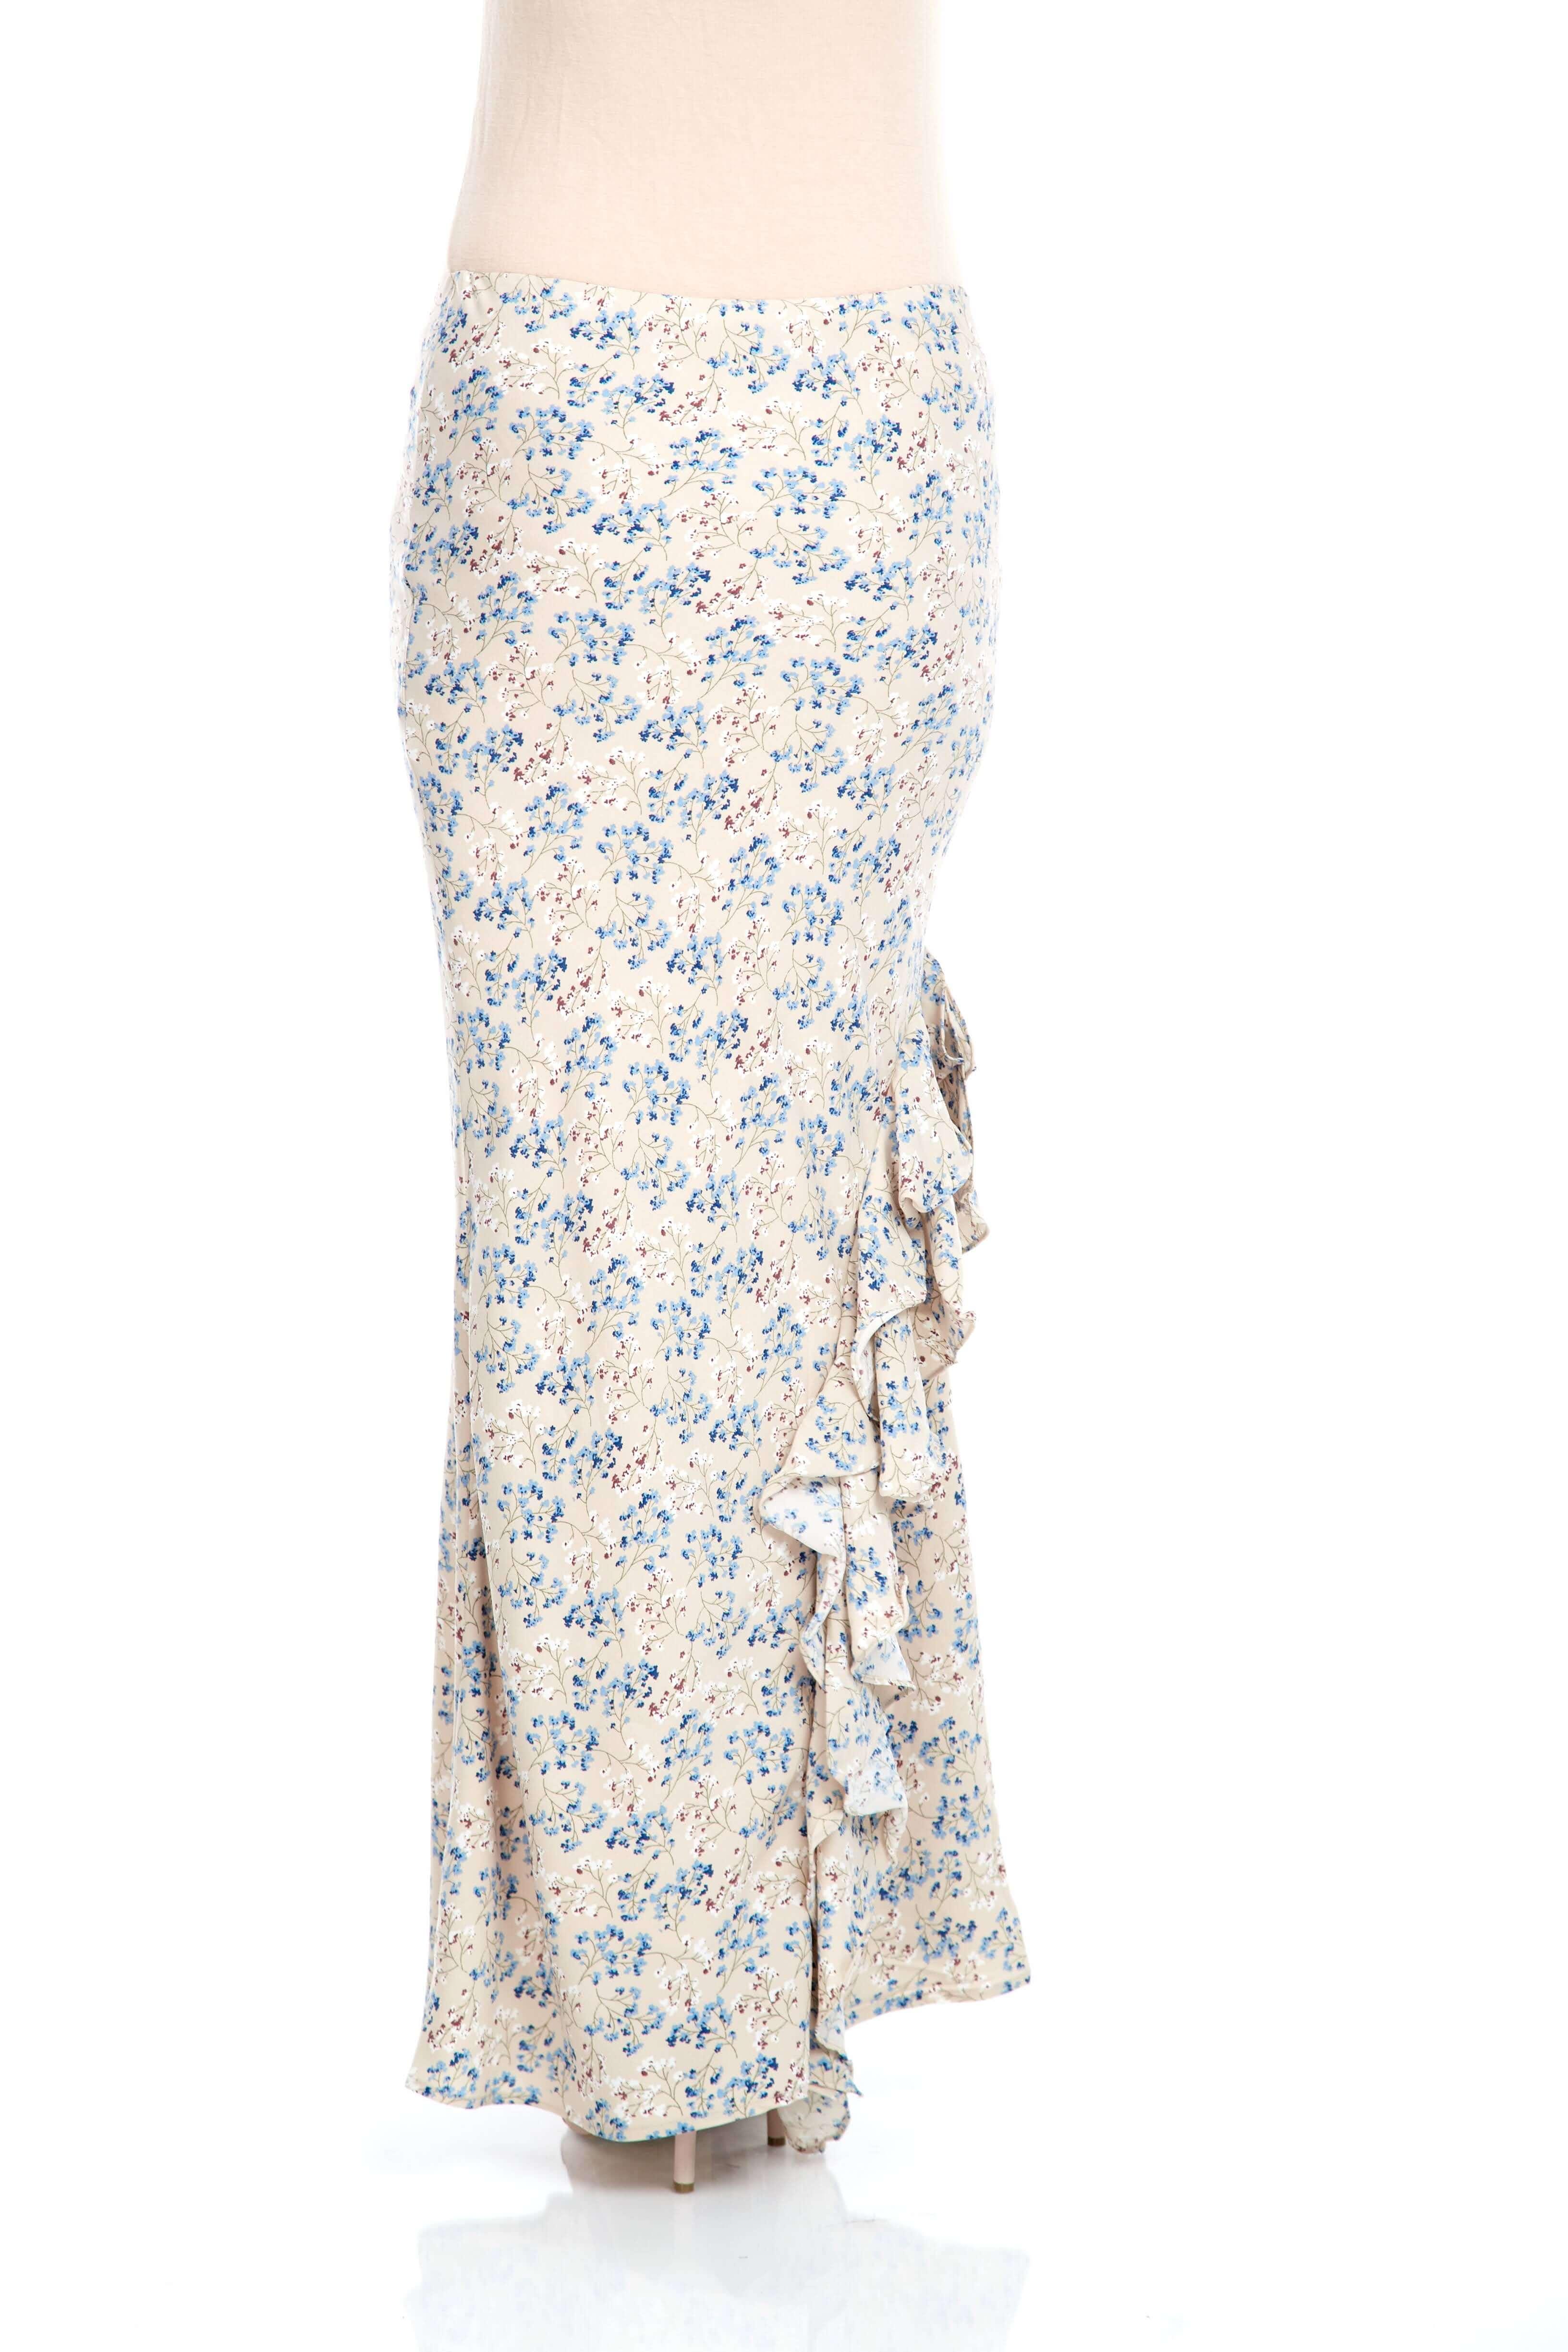 Beige Floral Ruffle Skirt (3)